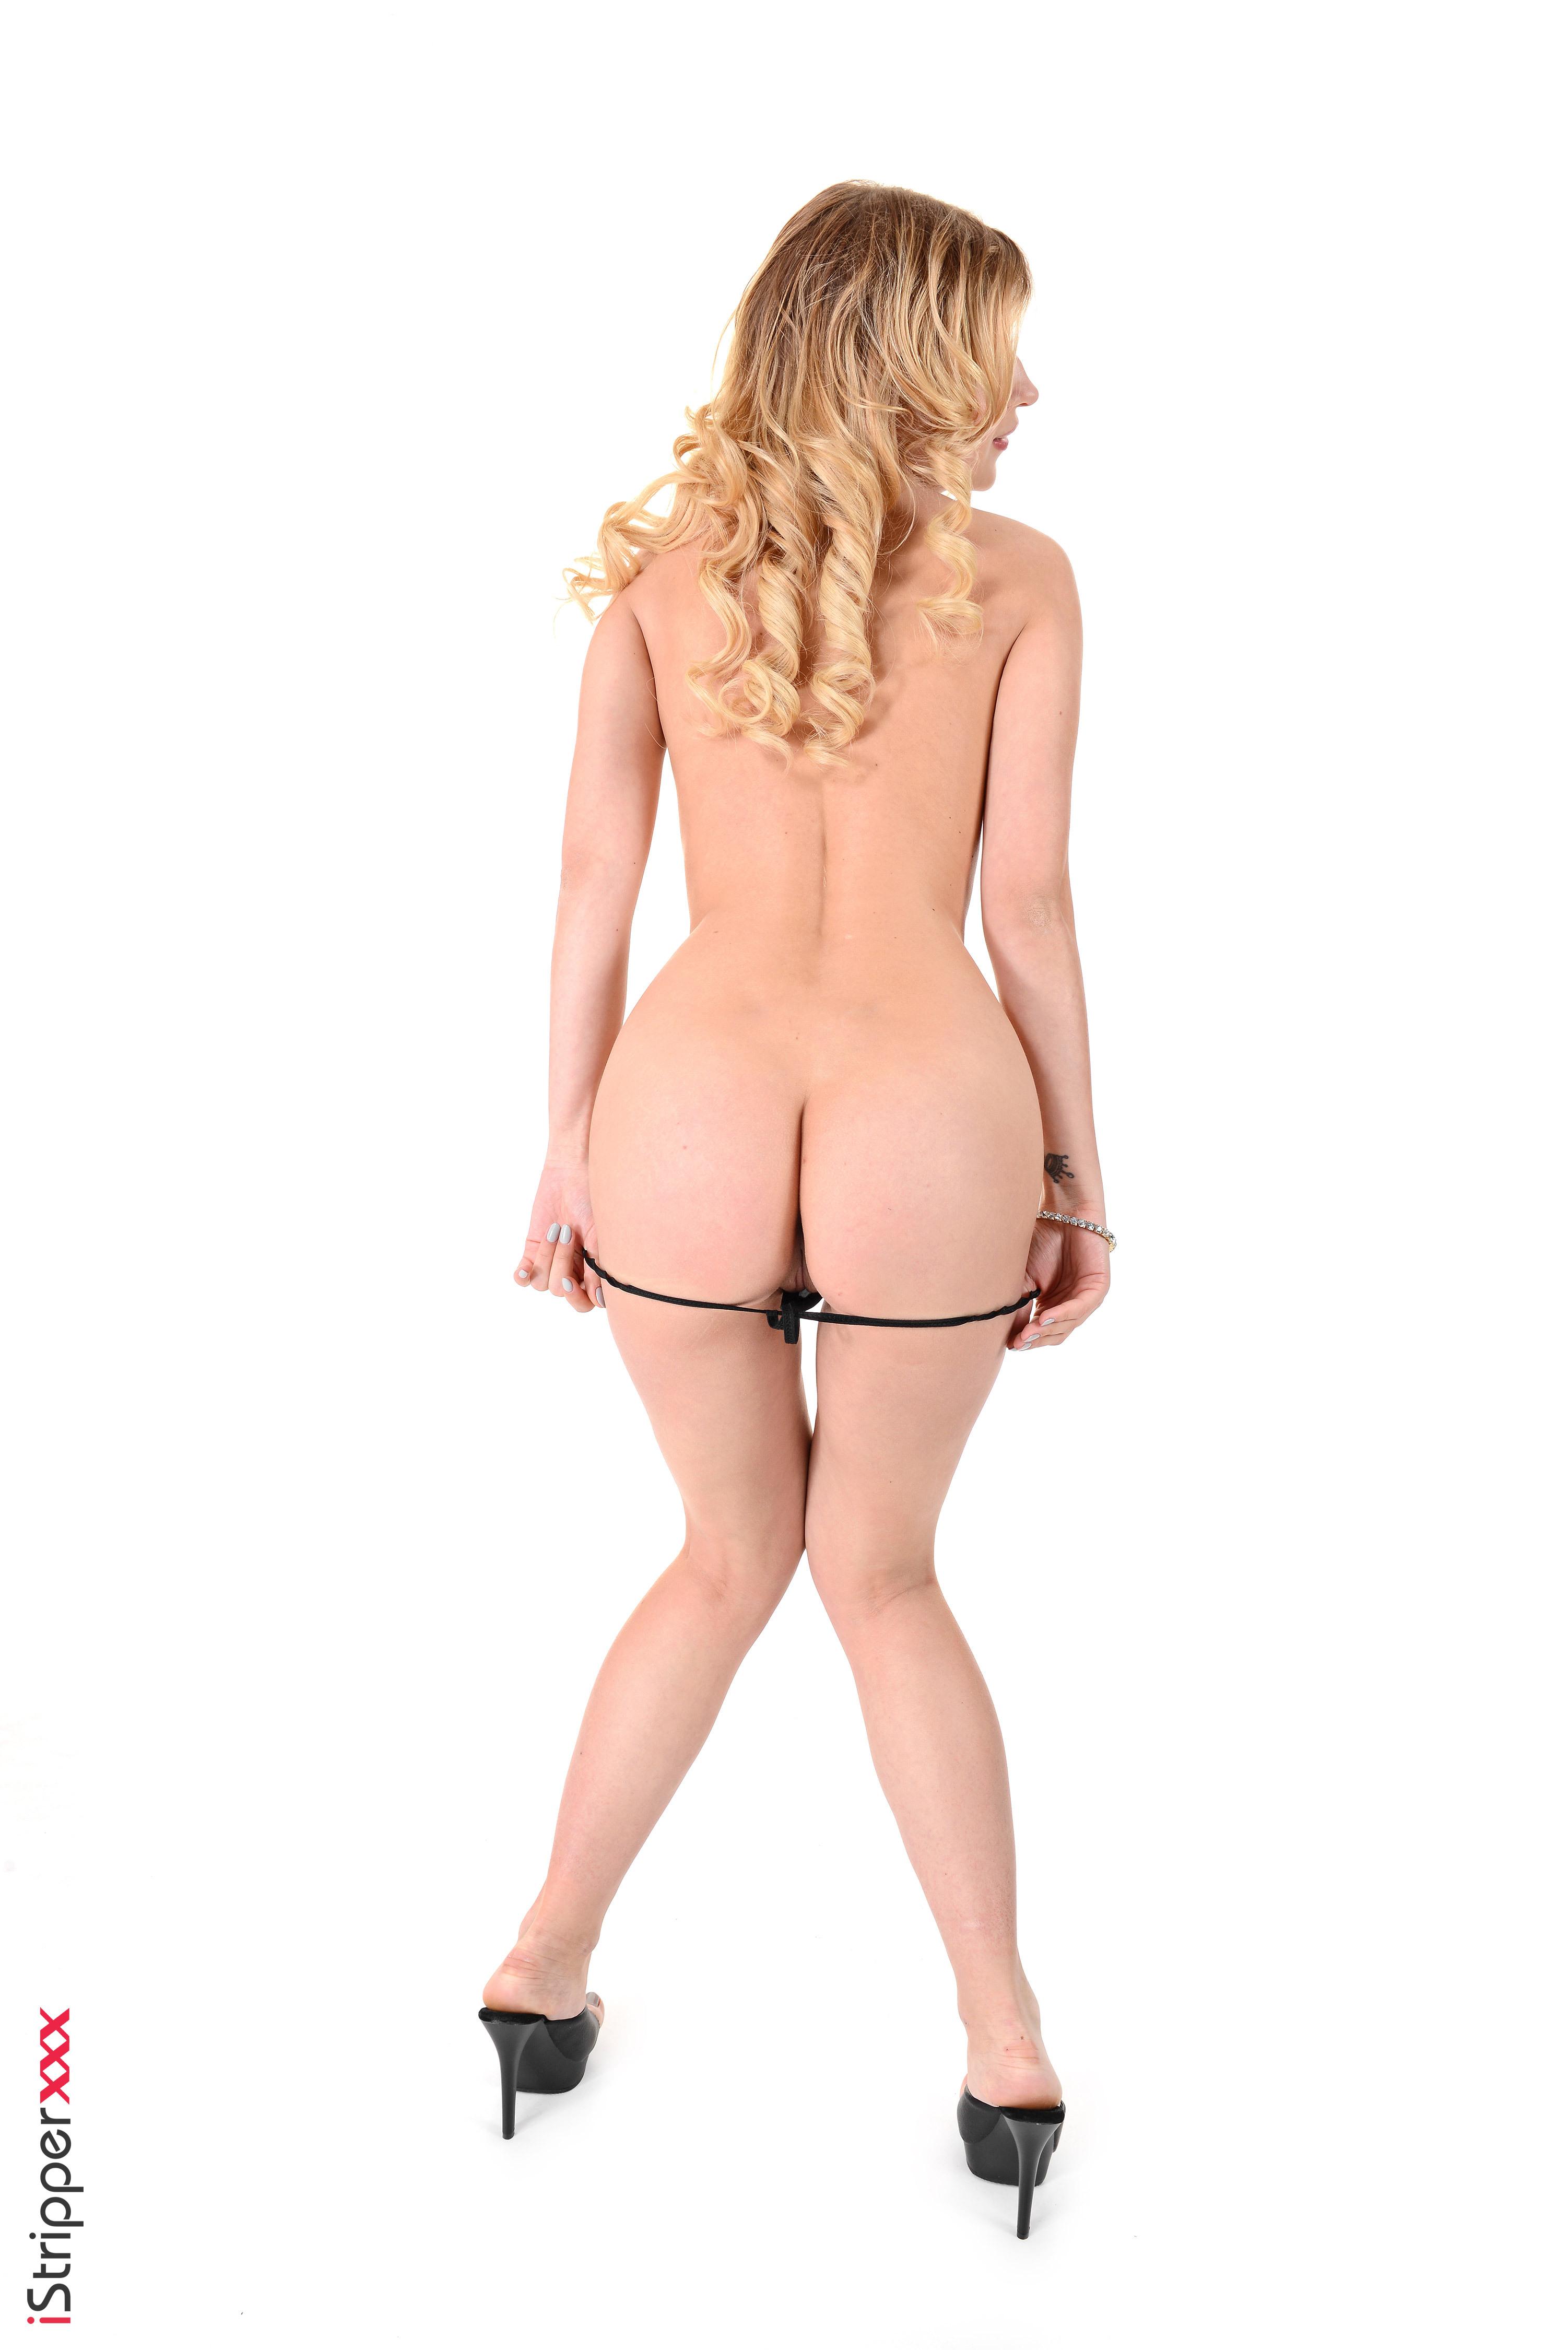 girl ass wallpaper